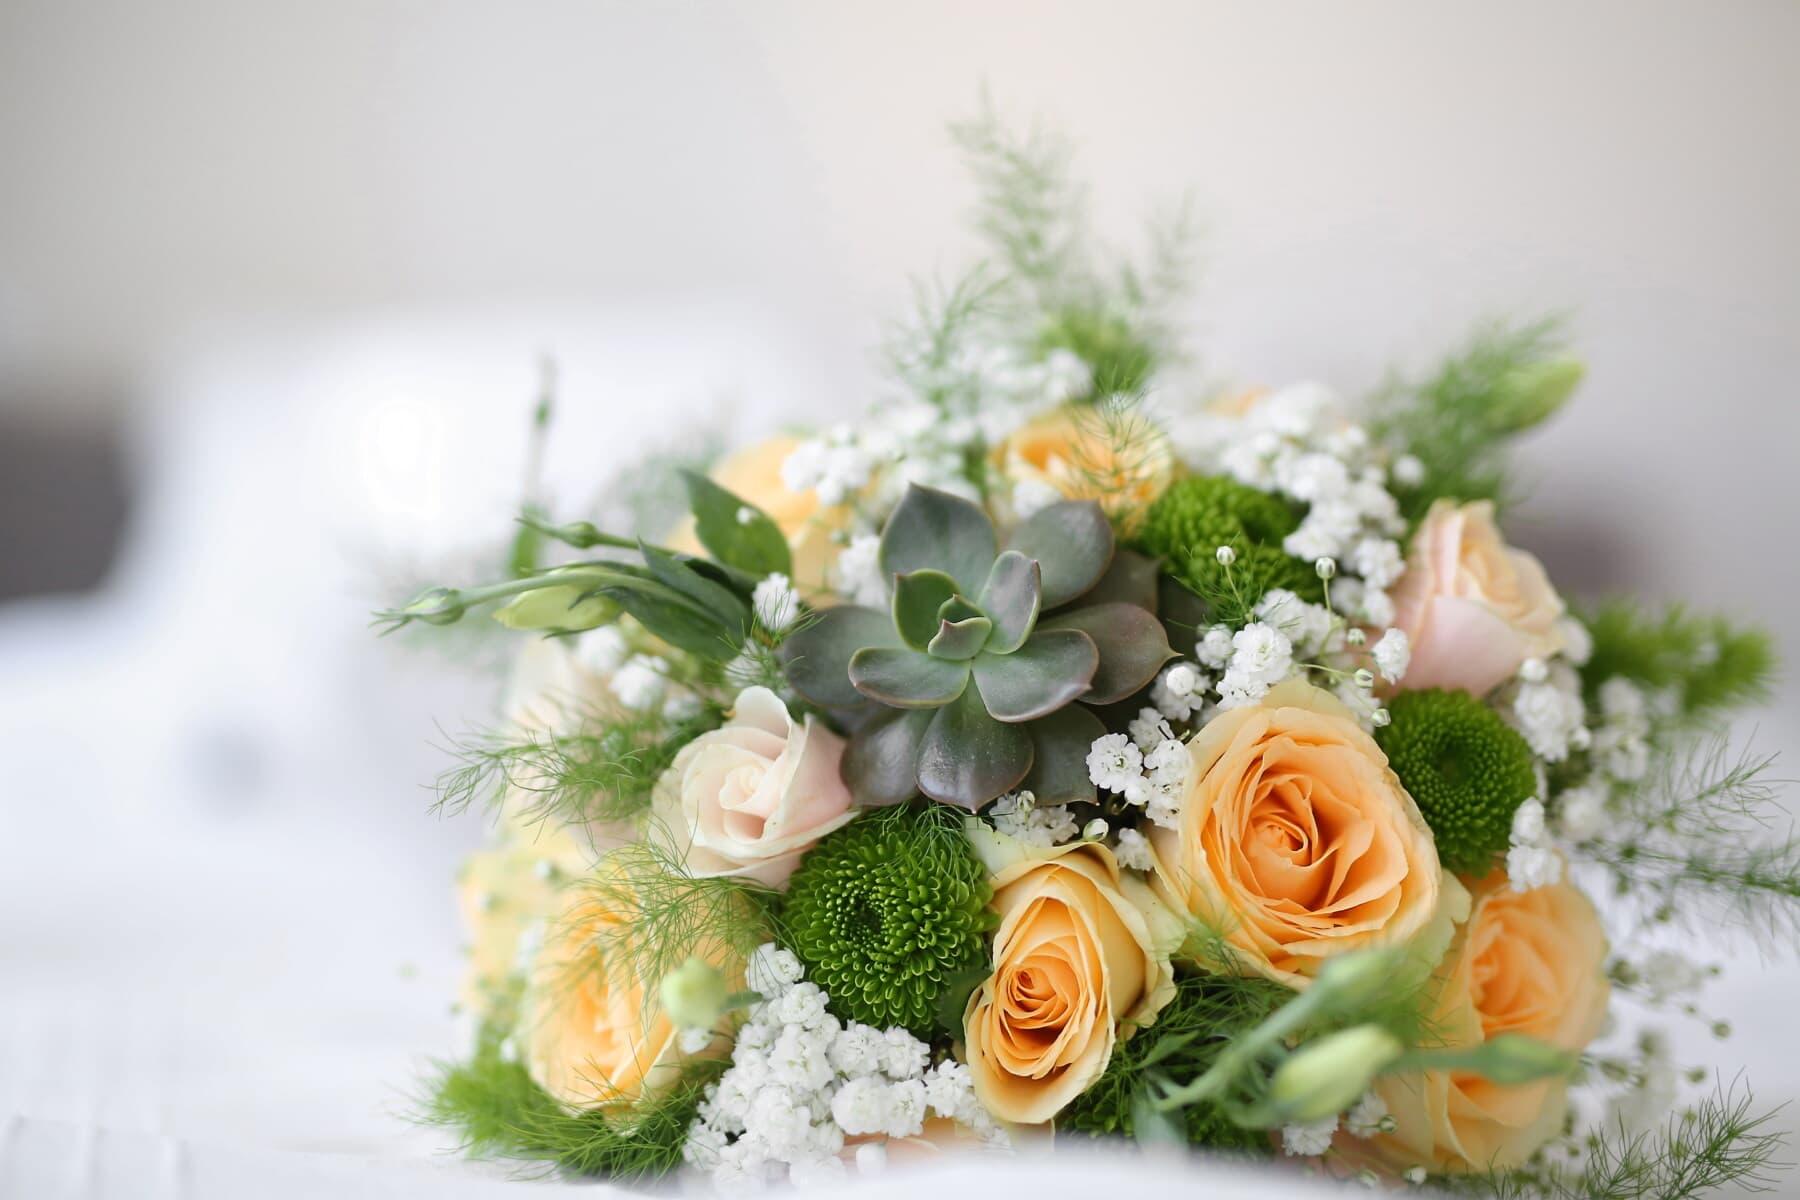 Hochzeitsstrauß, Rosen, Kaktus, elegant, Jahrgang, aus nächster Nähe, Blumenstrauß, Anordnung, Dekoration, Hochzeit